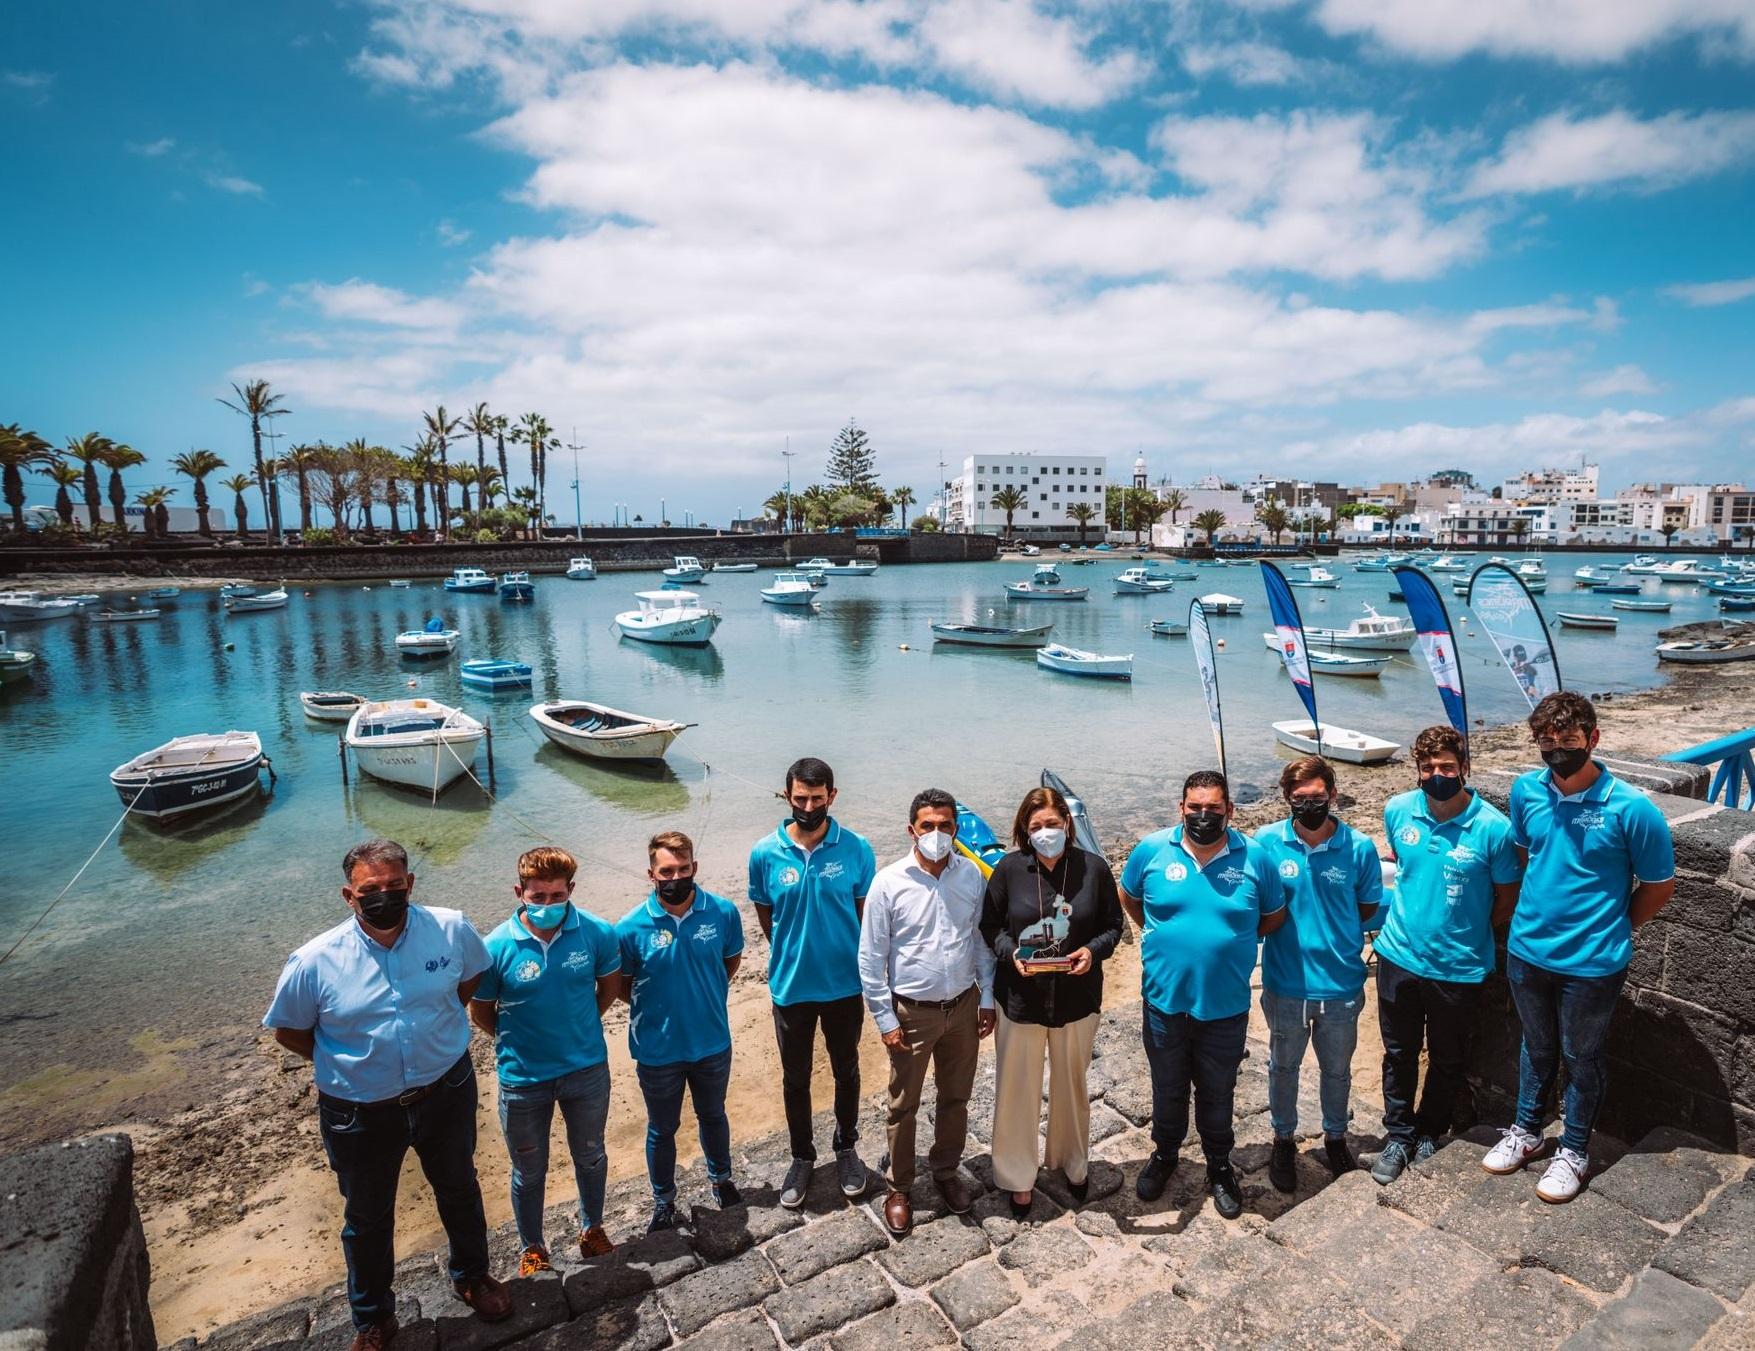 La alcaldesa Astrid Pérez y el concejal de Deportes Roy González felicitan al Club de Piragüismo Los Marlines de Lanzarote / CanariasNoticias.es